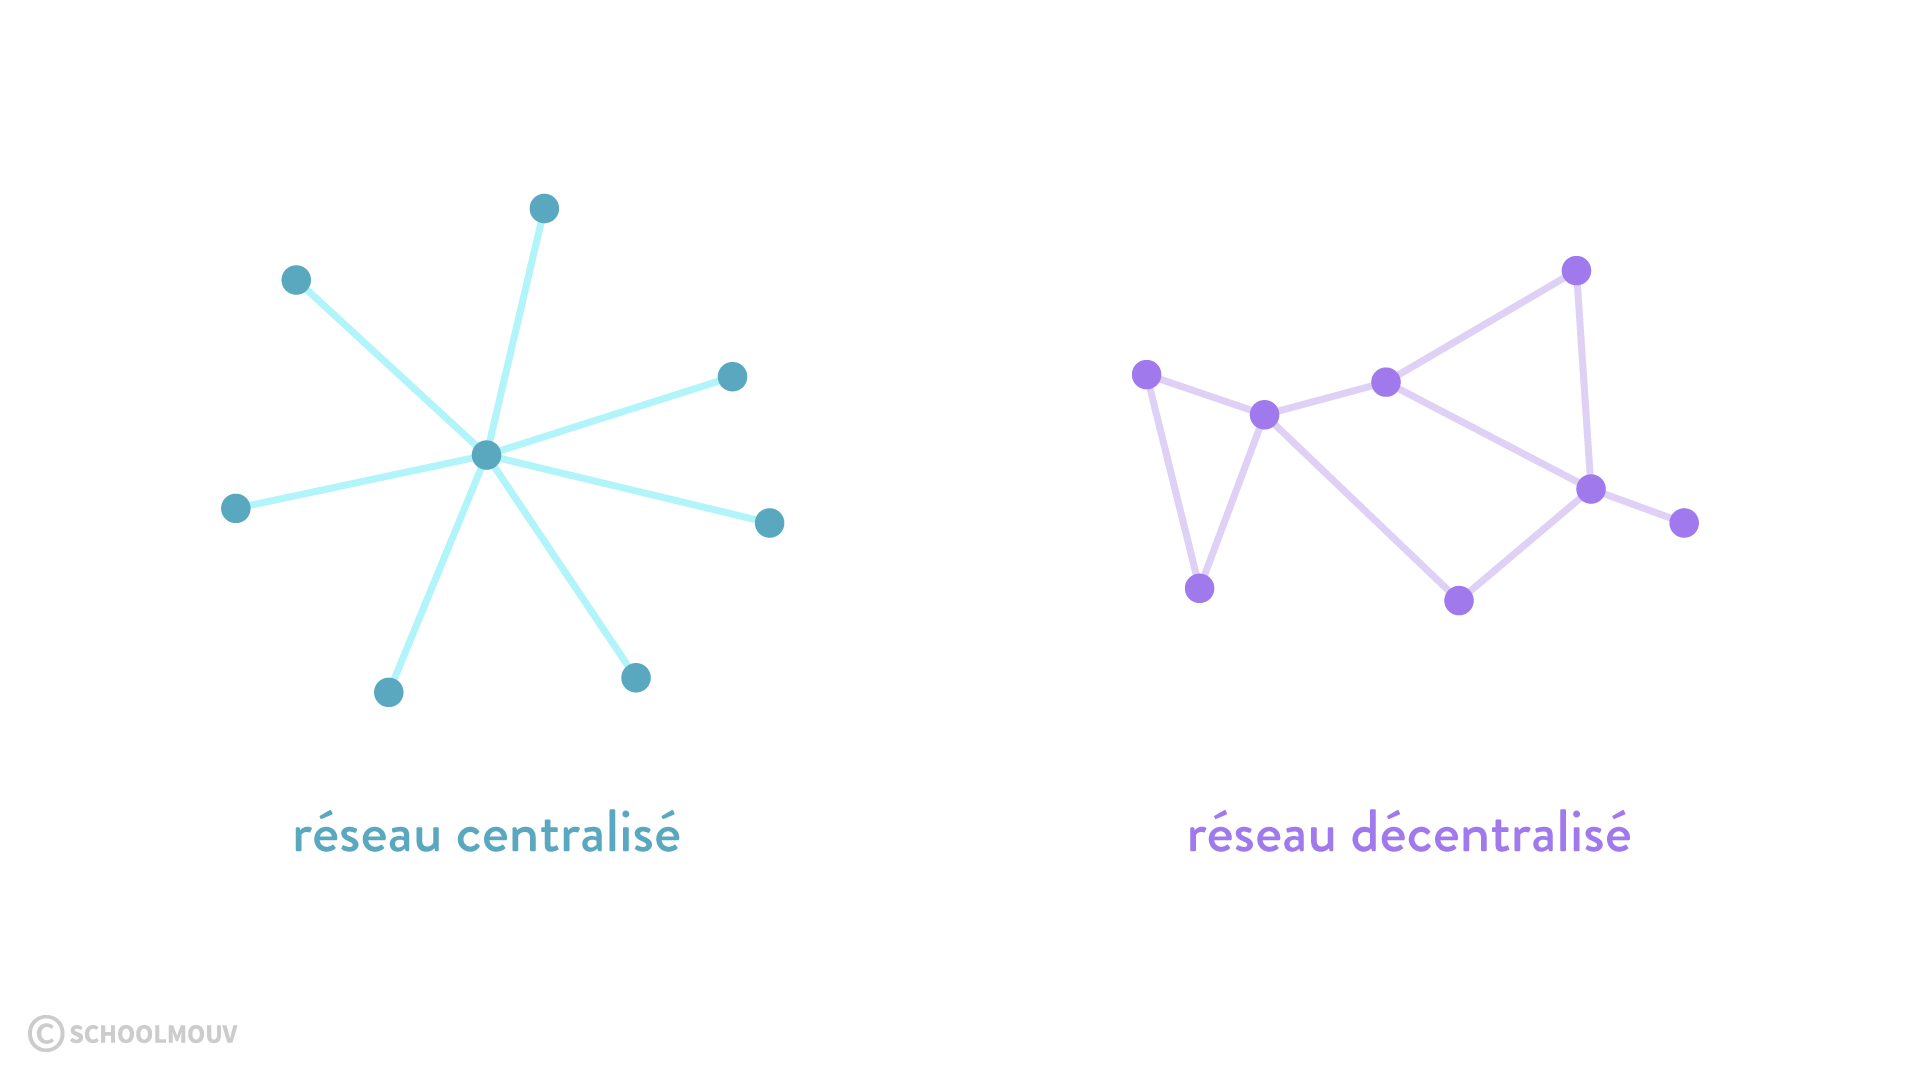 Réseaux centralisés et décentralisés